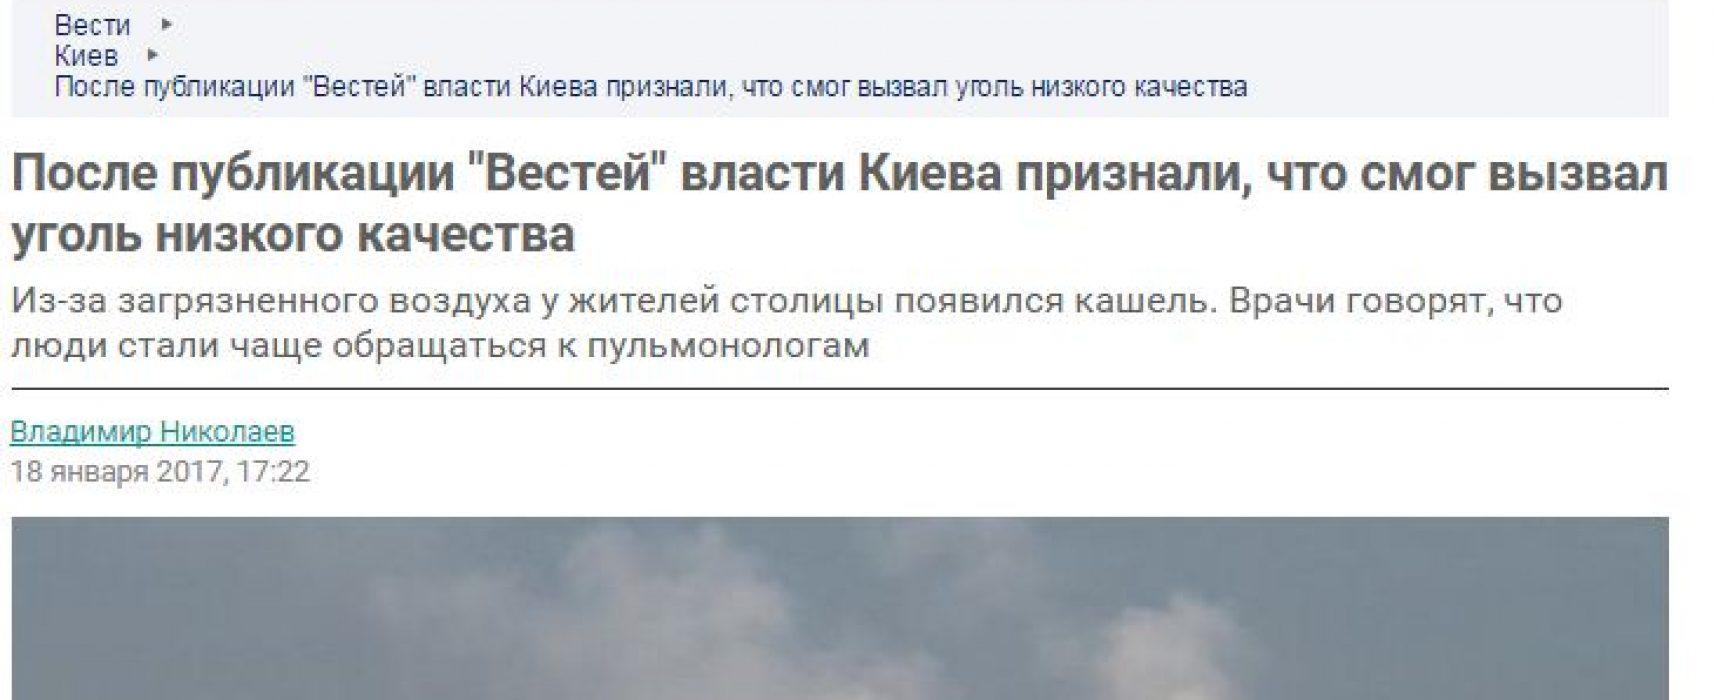 Фейк: Власти Киева признали, что смог вызвал уголь низкого качества